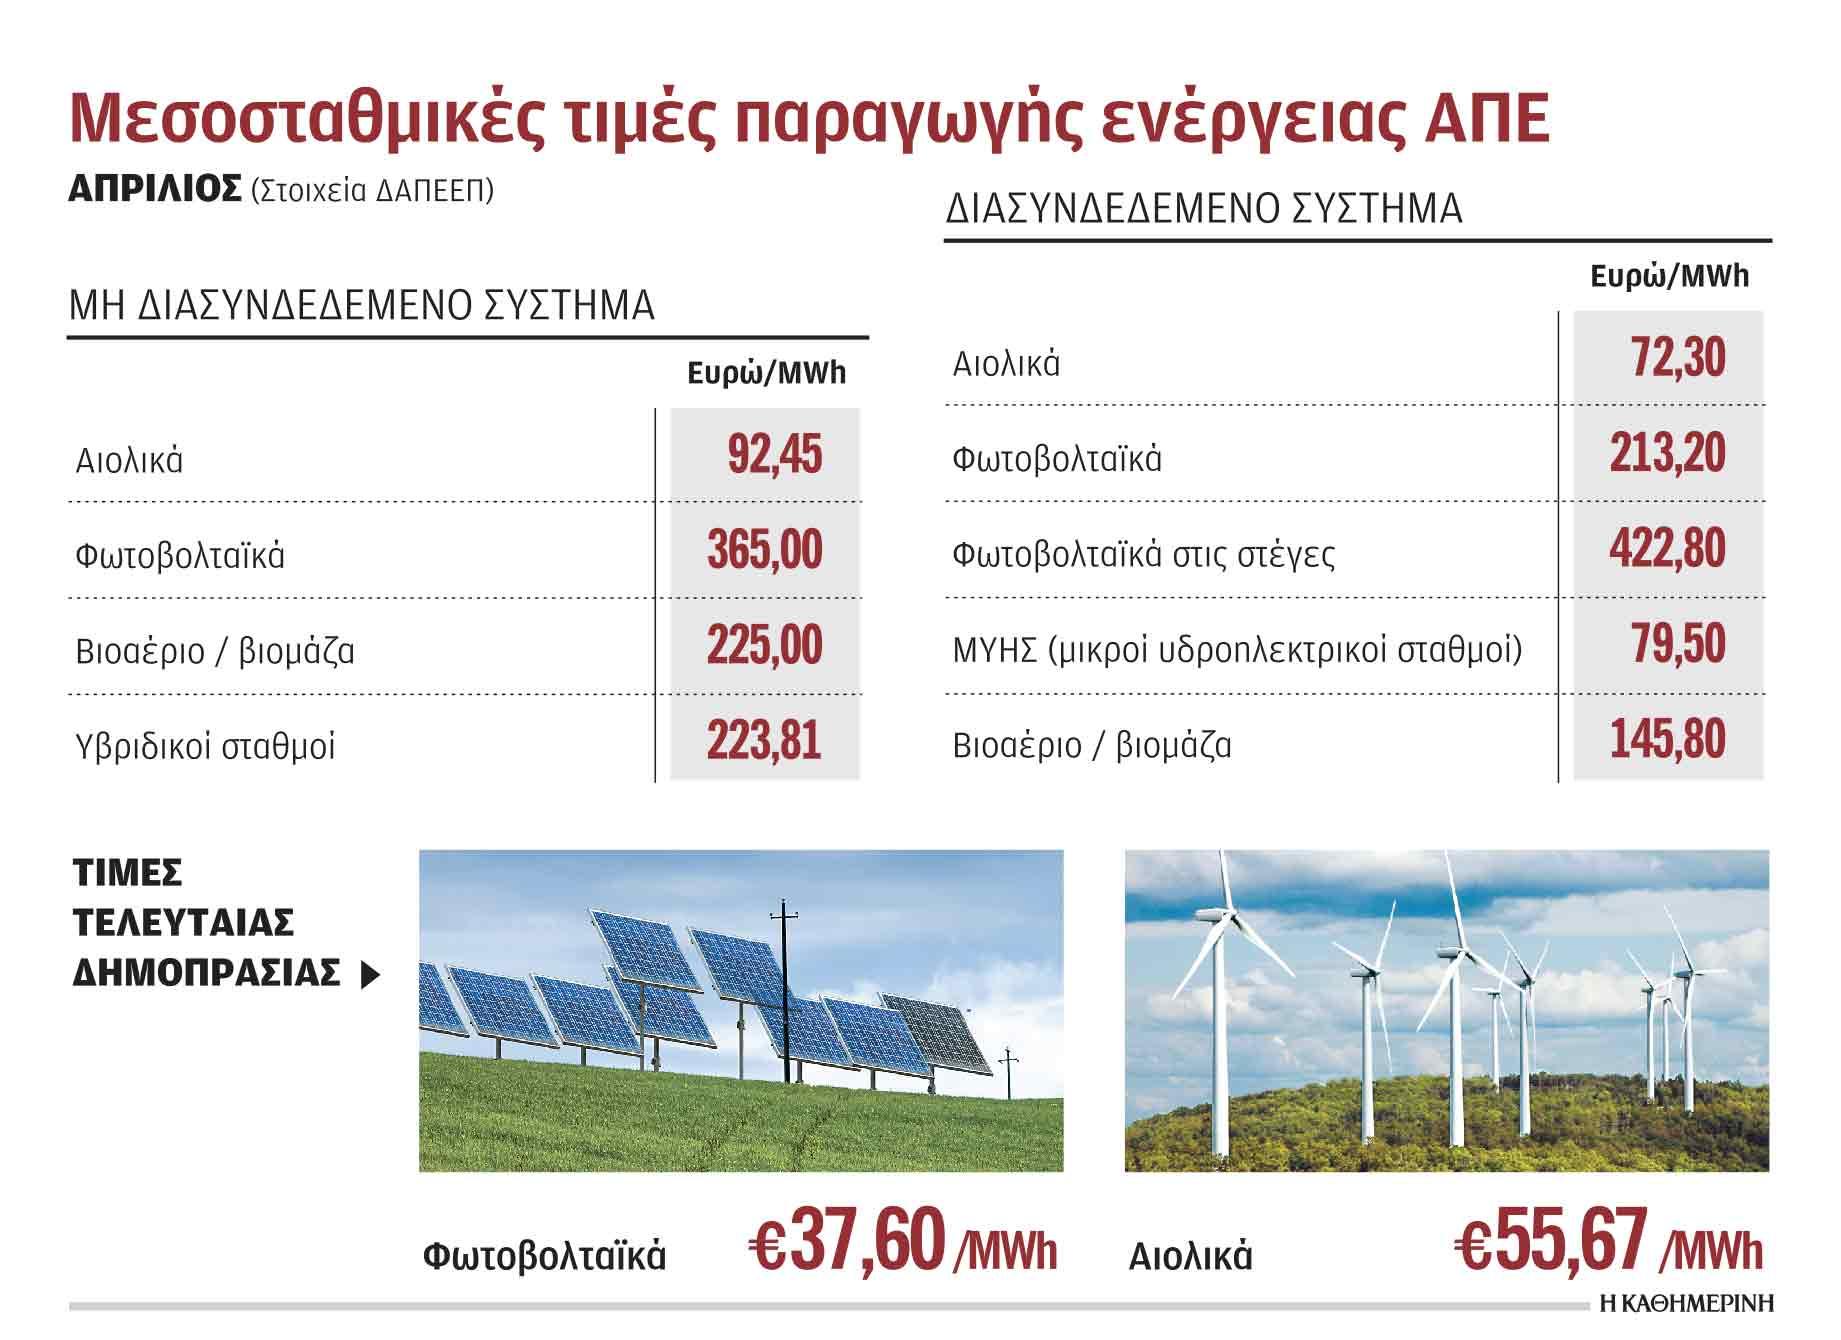 ypsiles-eggyimenes-times-gia-mikra-fotovoltaika-kai-aiolika1